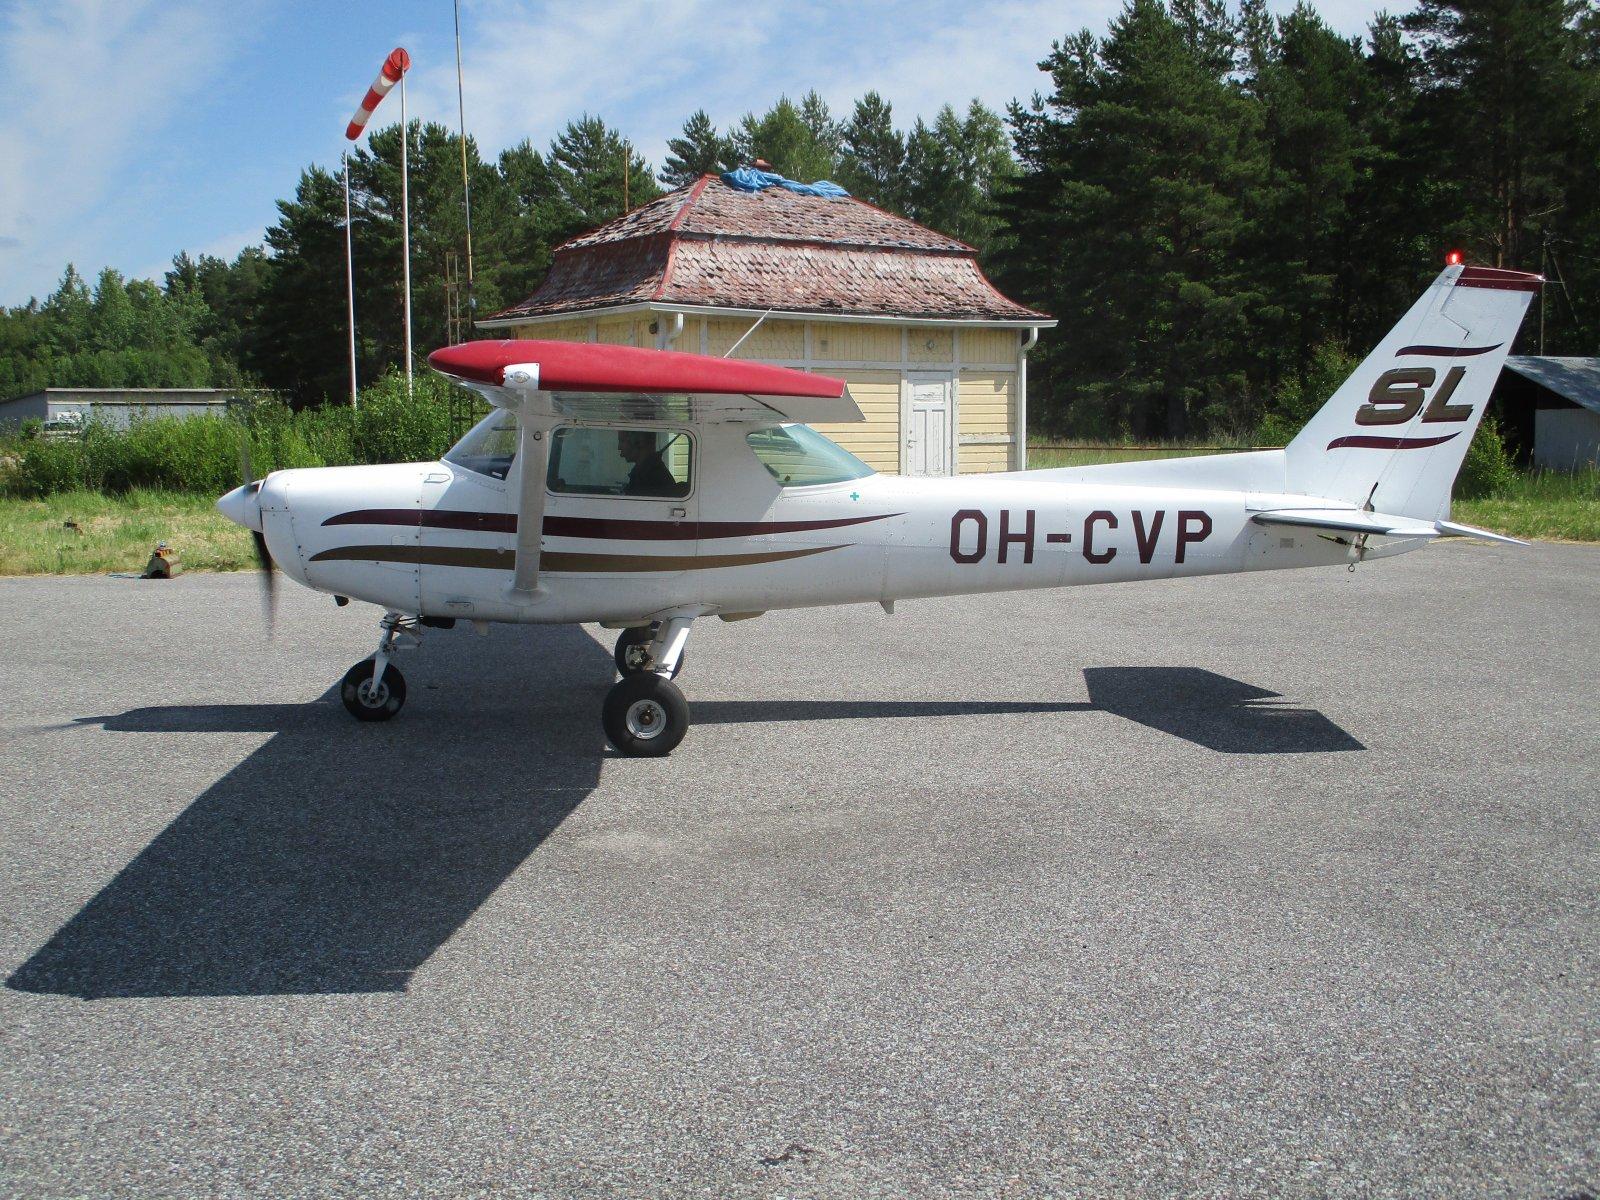 Cessna 152 II OH-CVP EFHN 2018-06-26